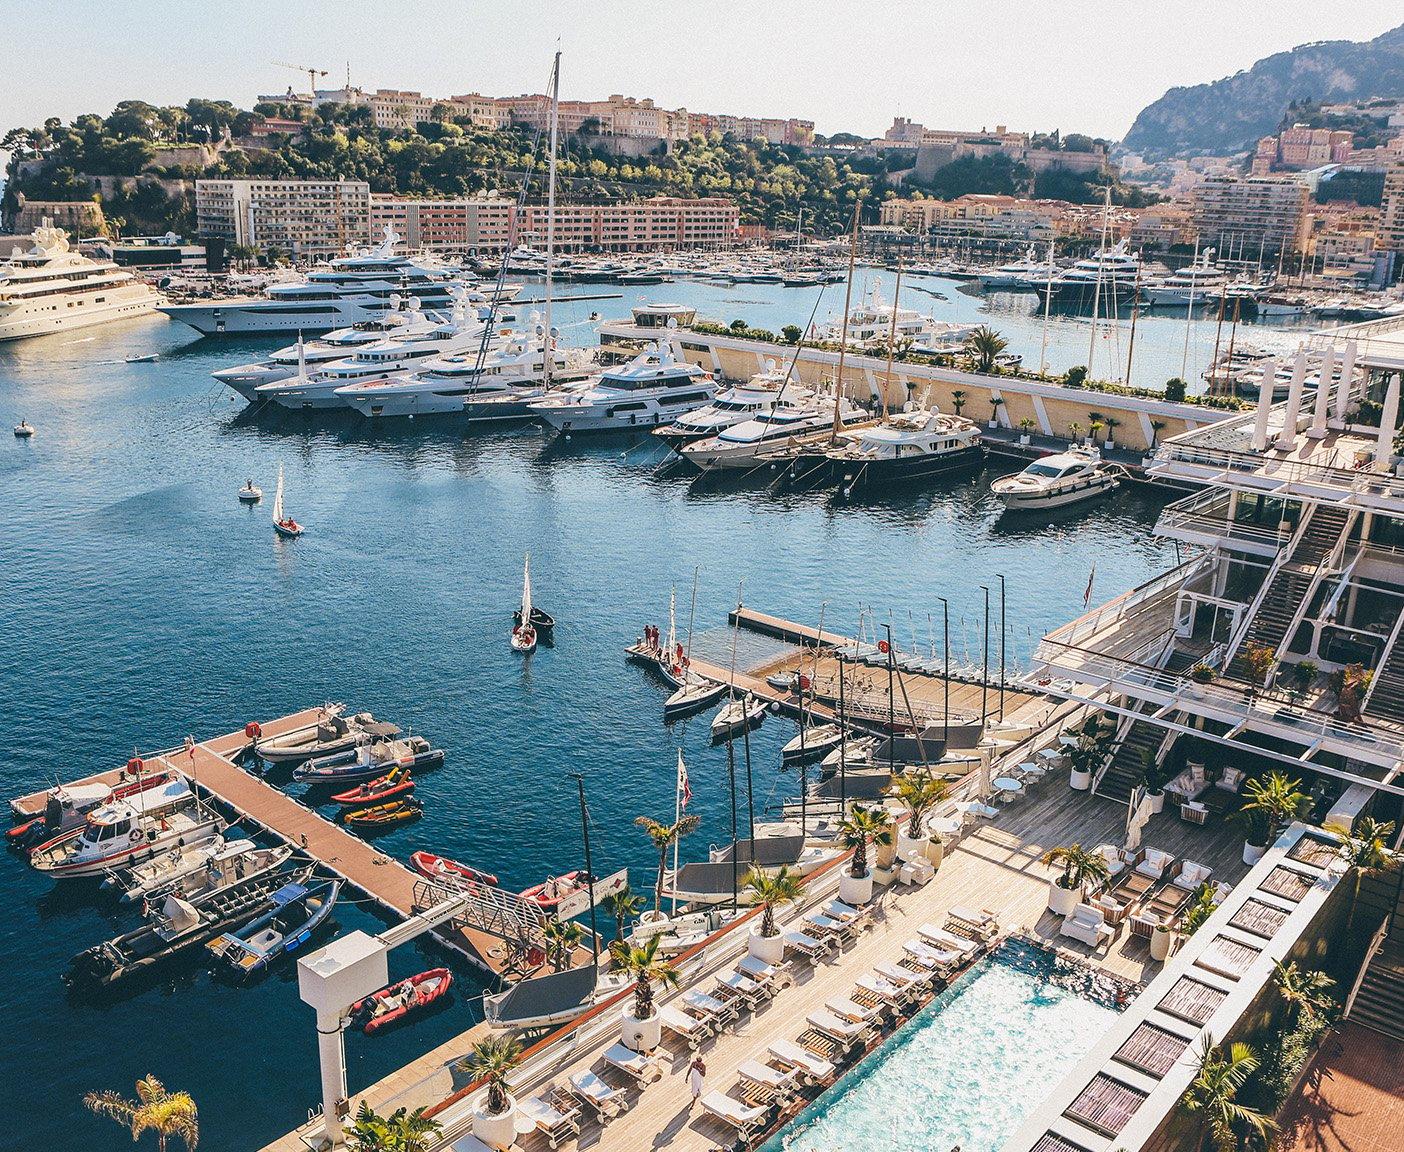 Wohnmobil-Reisen in Europa Monaco Yachthafen beste Wohnmobiltouren